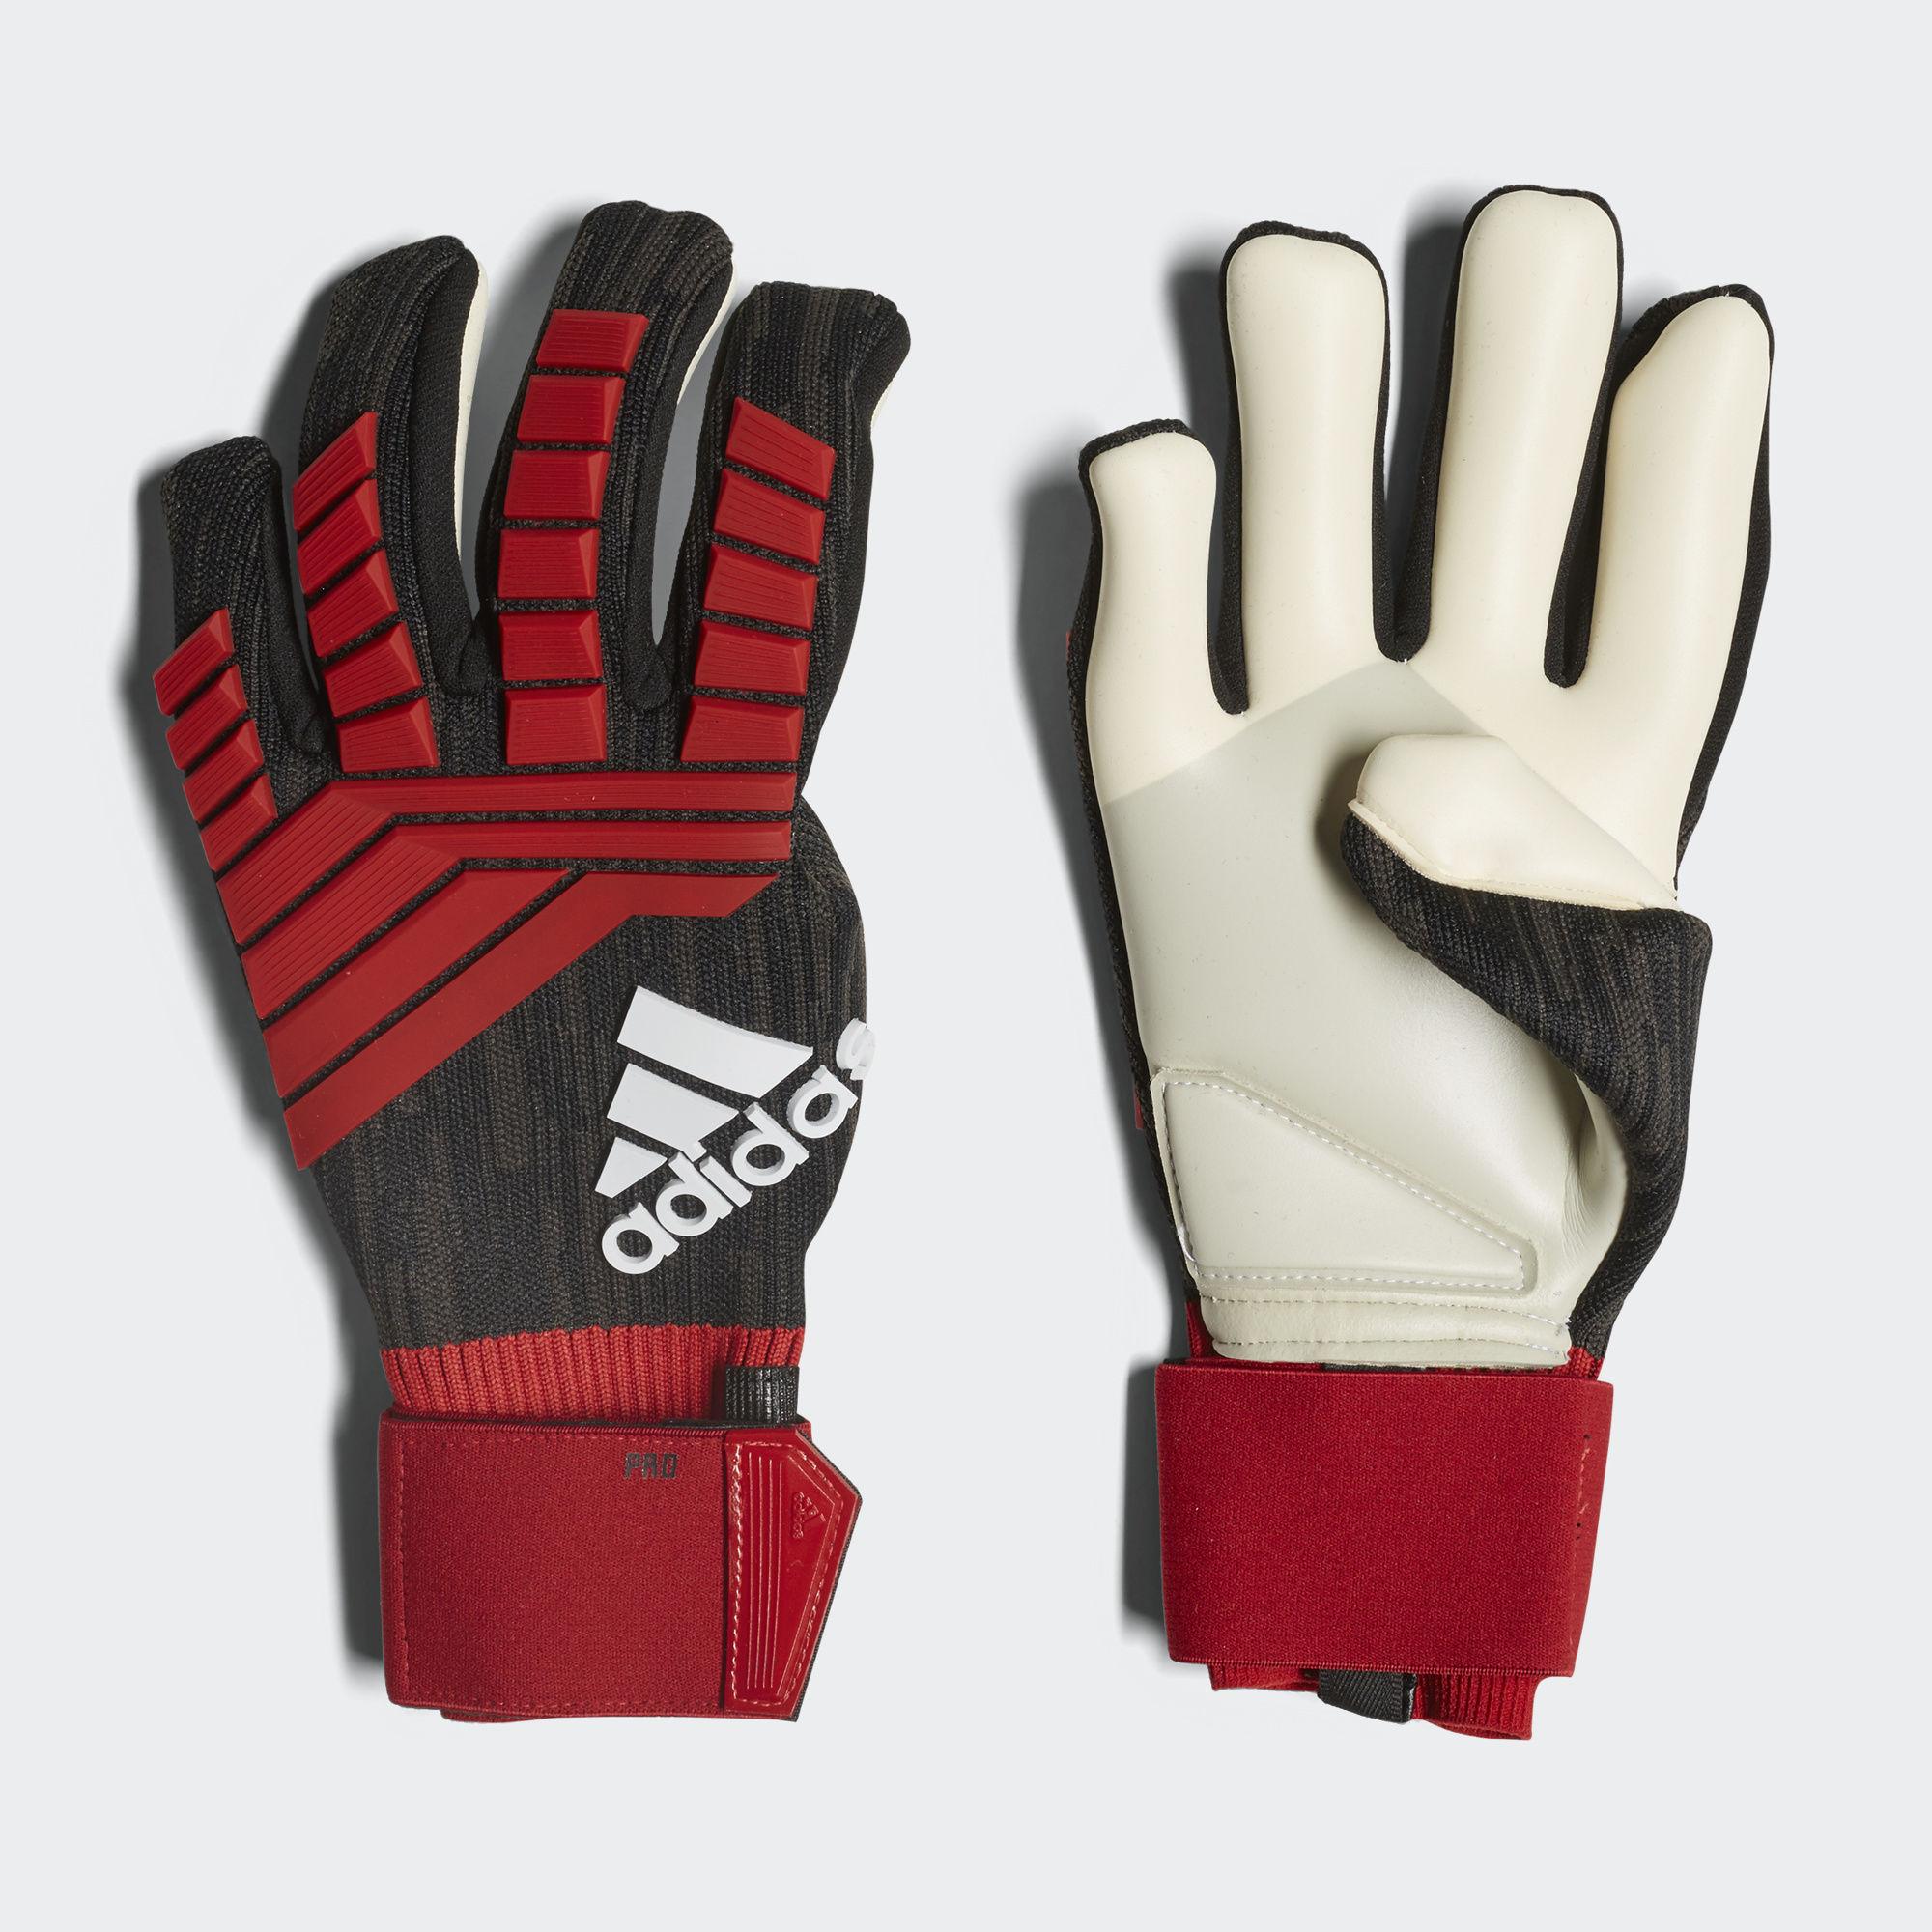 Вратарские перчатки Predator Pro CW5589 adidas Performance - Украина ... e57e589872fe3